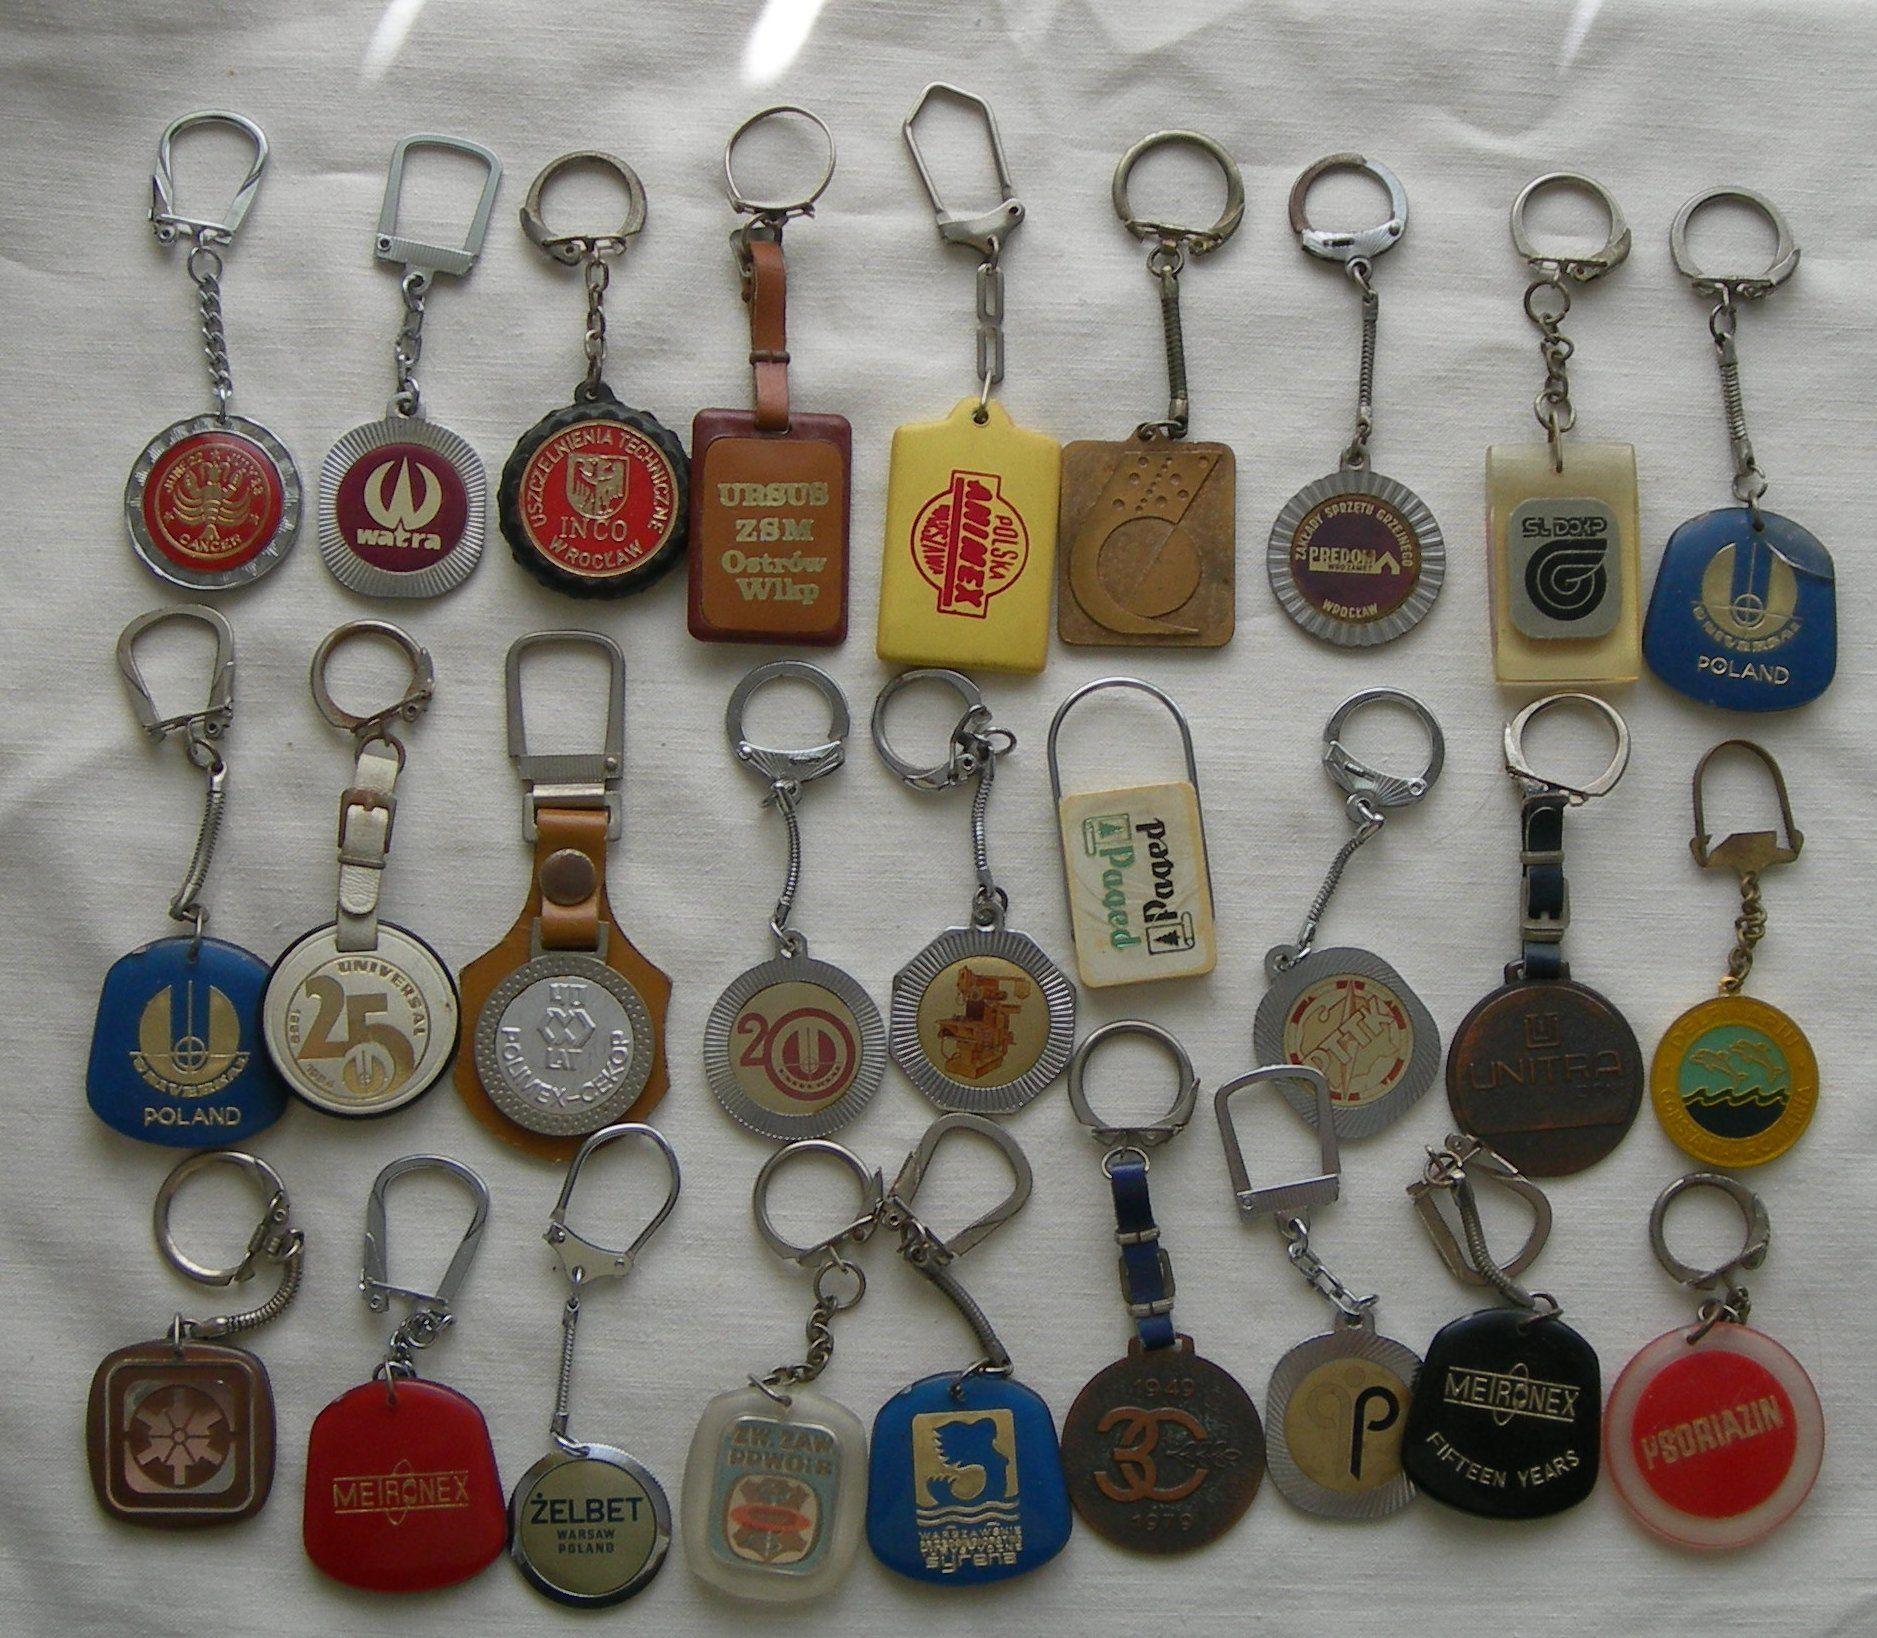 57 Breloczki Firmy Prl 6910465160 Oficjalne Archiwum Allegro Keychain Personalized Items